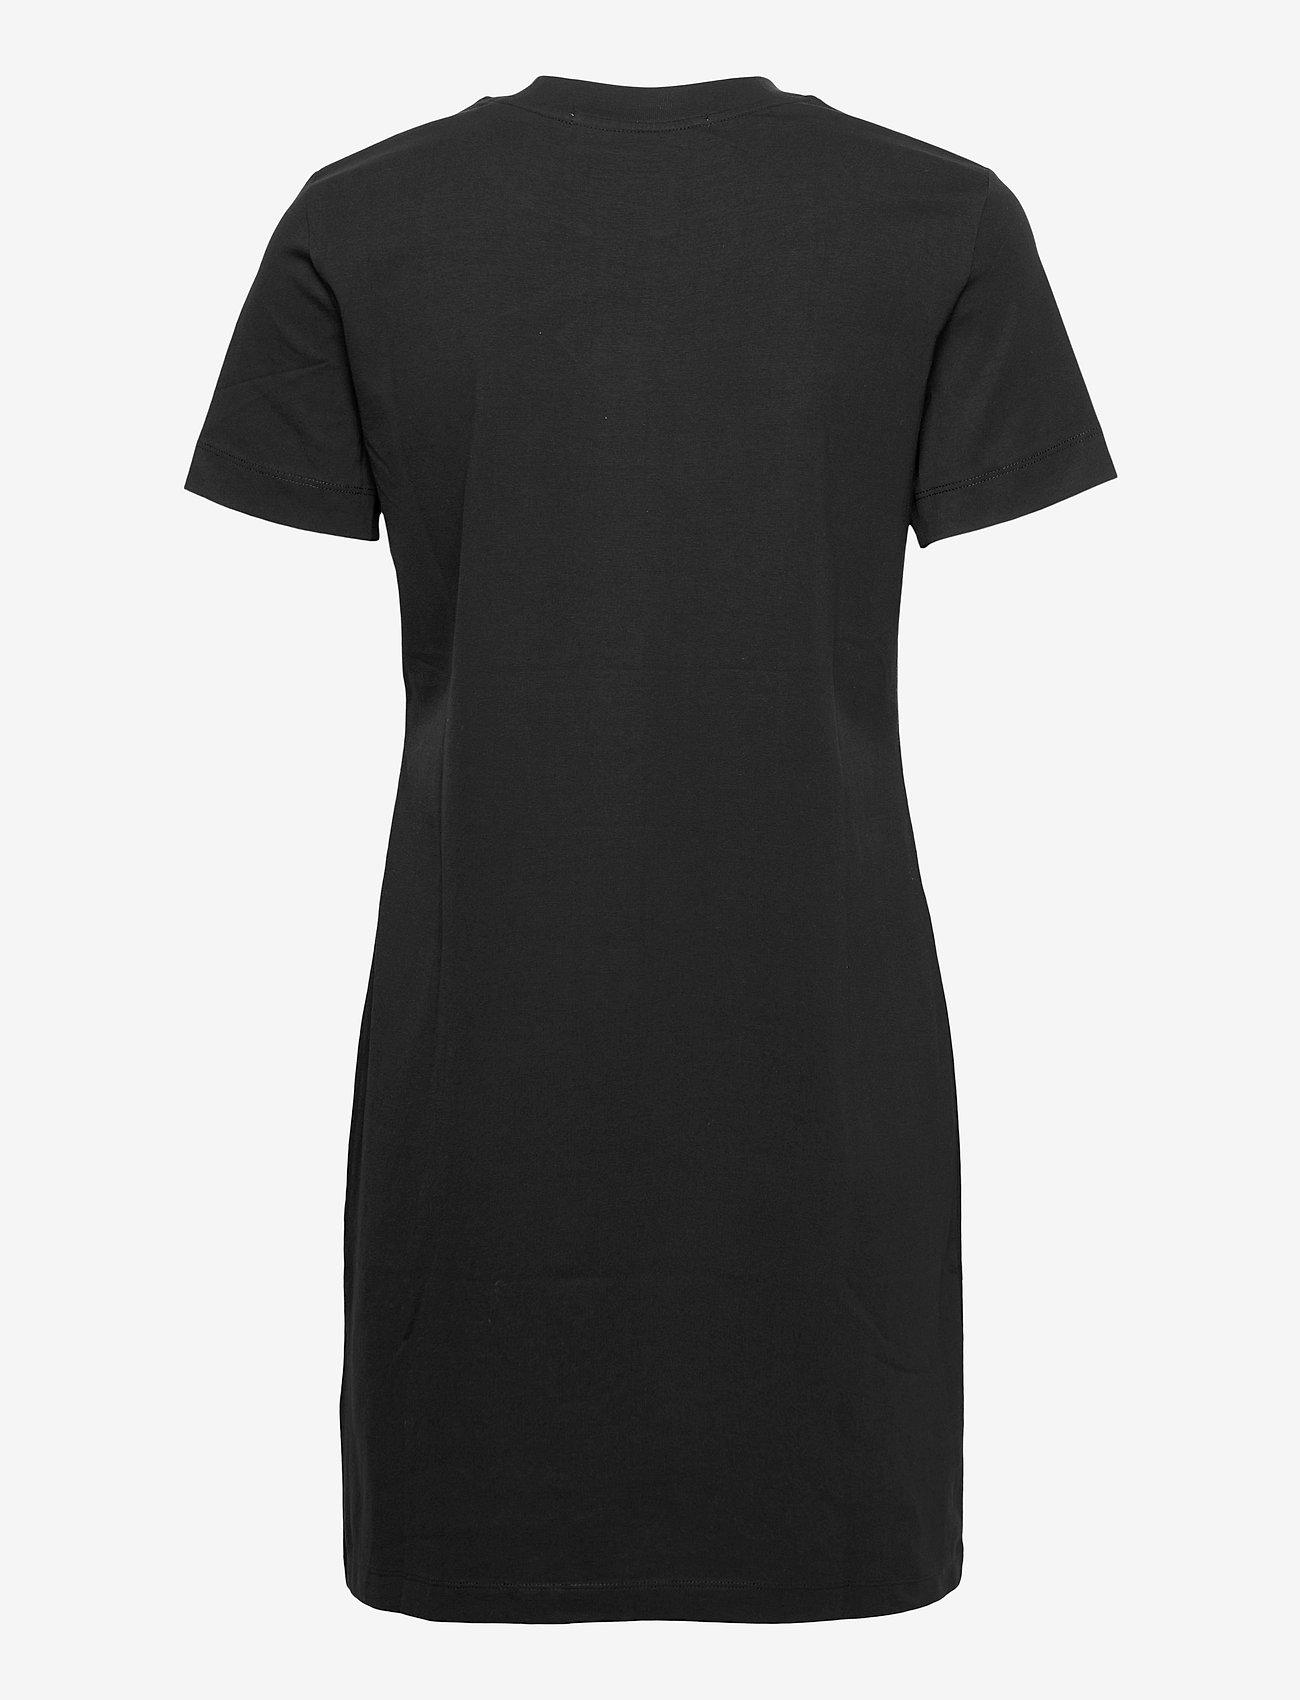 Calvin Klein Jeans - MICRO BRANDING T-SHIRT DRESS - sommerkjoler - ck black - 1